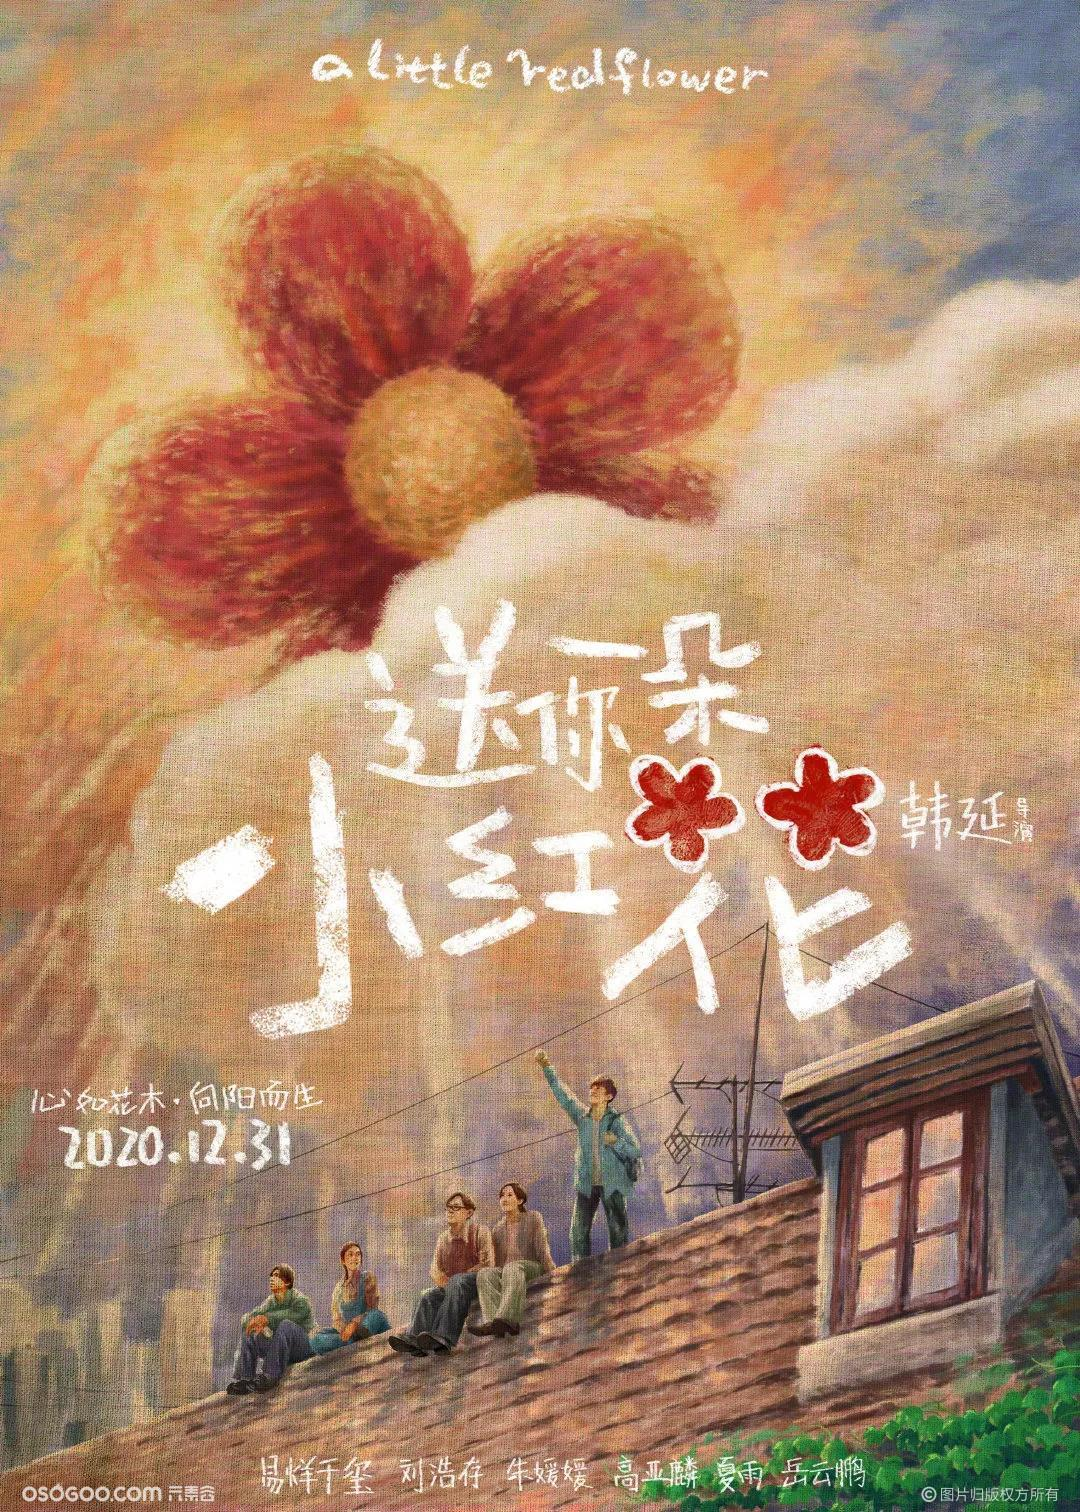 黄海大神又双叒出手了,今年还出了啥海报呢?